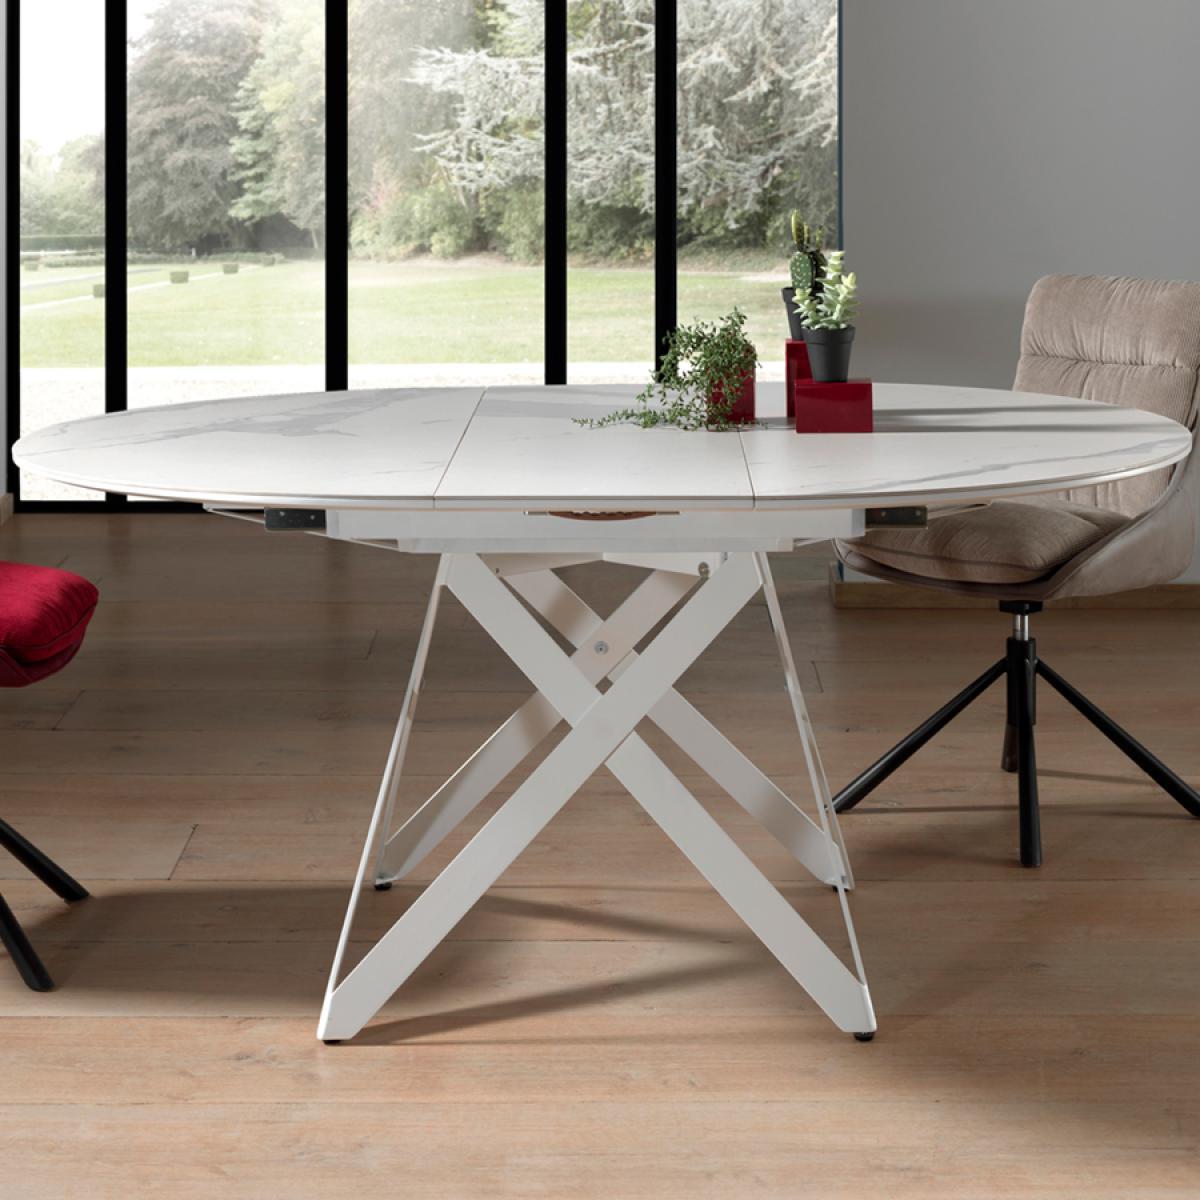 Nouvomeuble Table blanche extensible en céramique ARTHUR